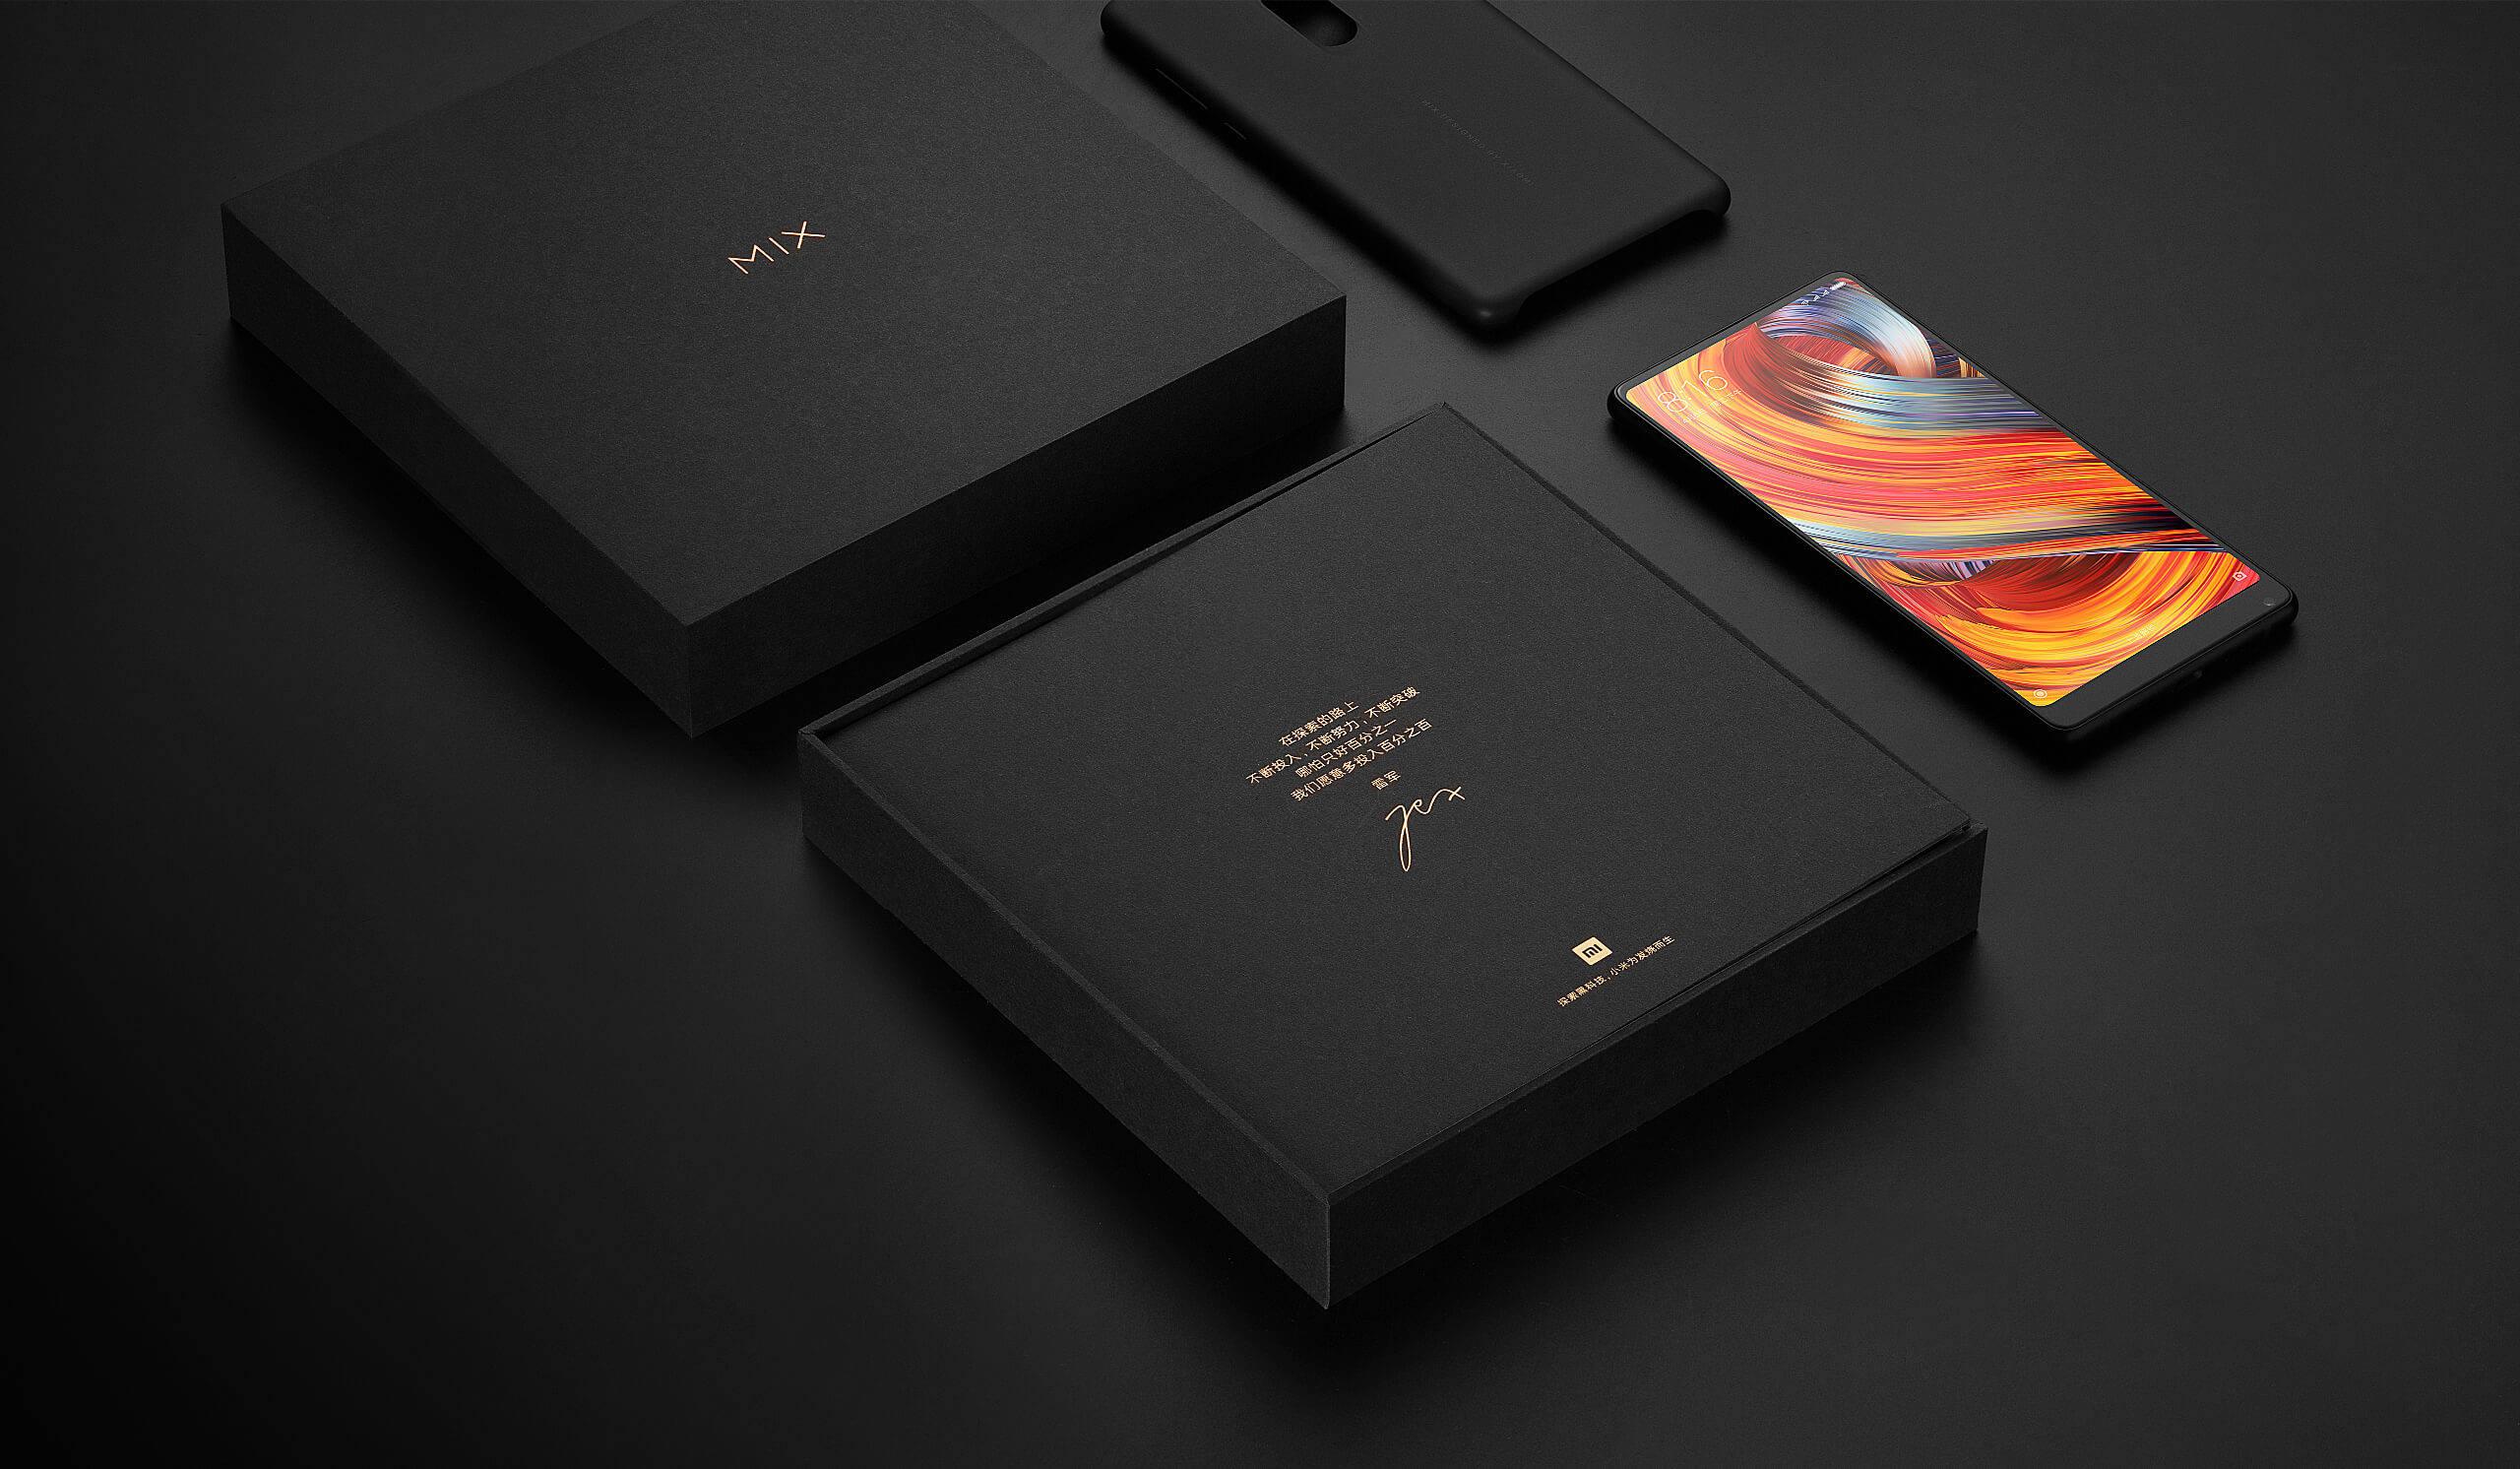 Xiaomi Mi Mix 2 Ma Ekran Kt 243 Ry łatwo Stłuc Ale Xiaomi Ma